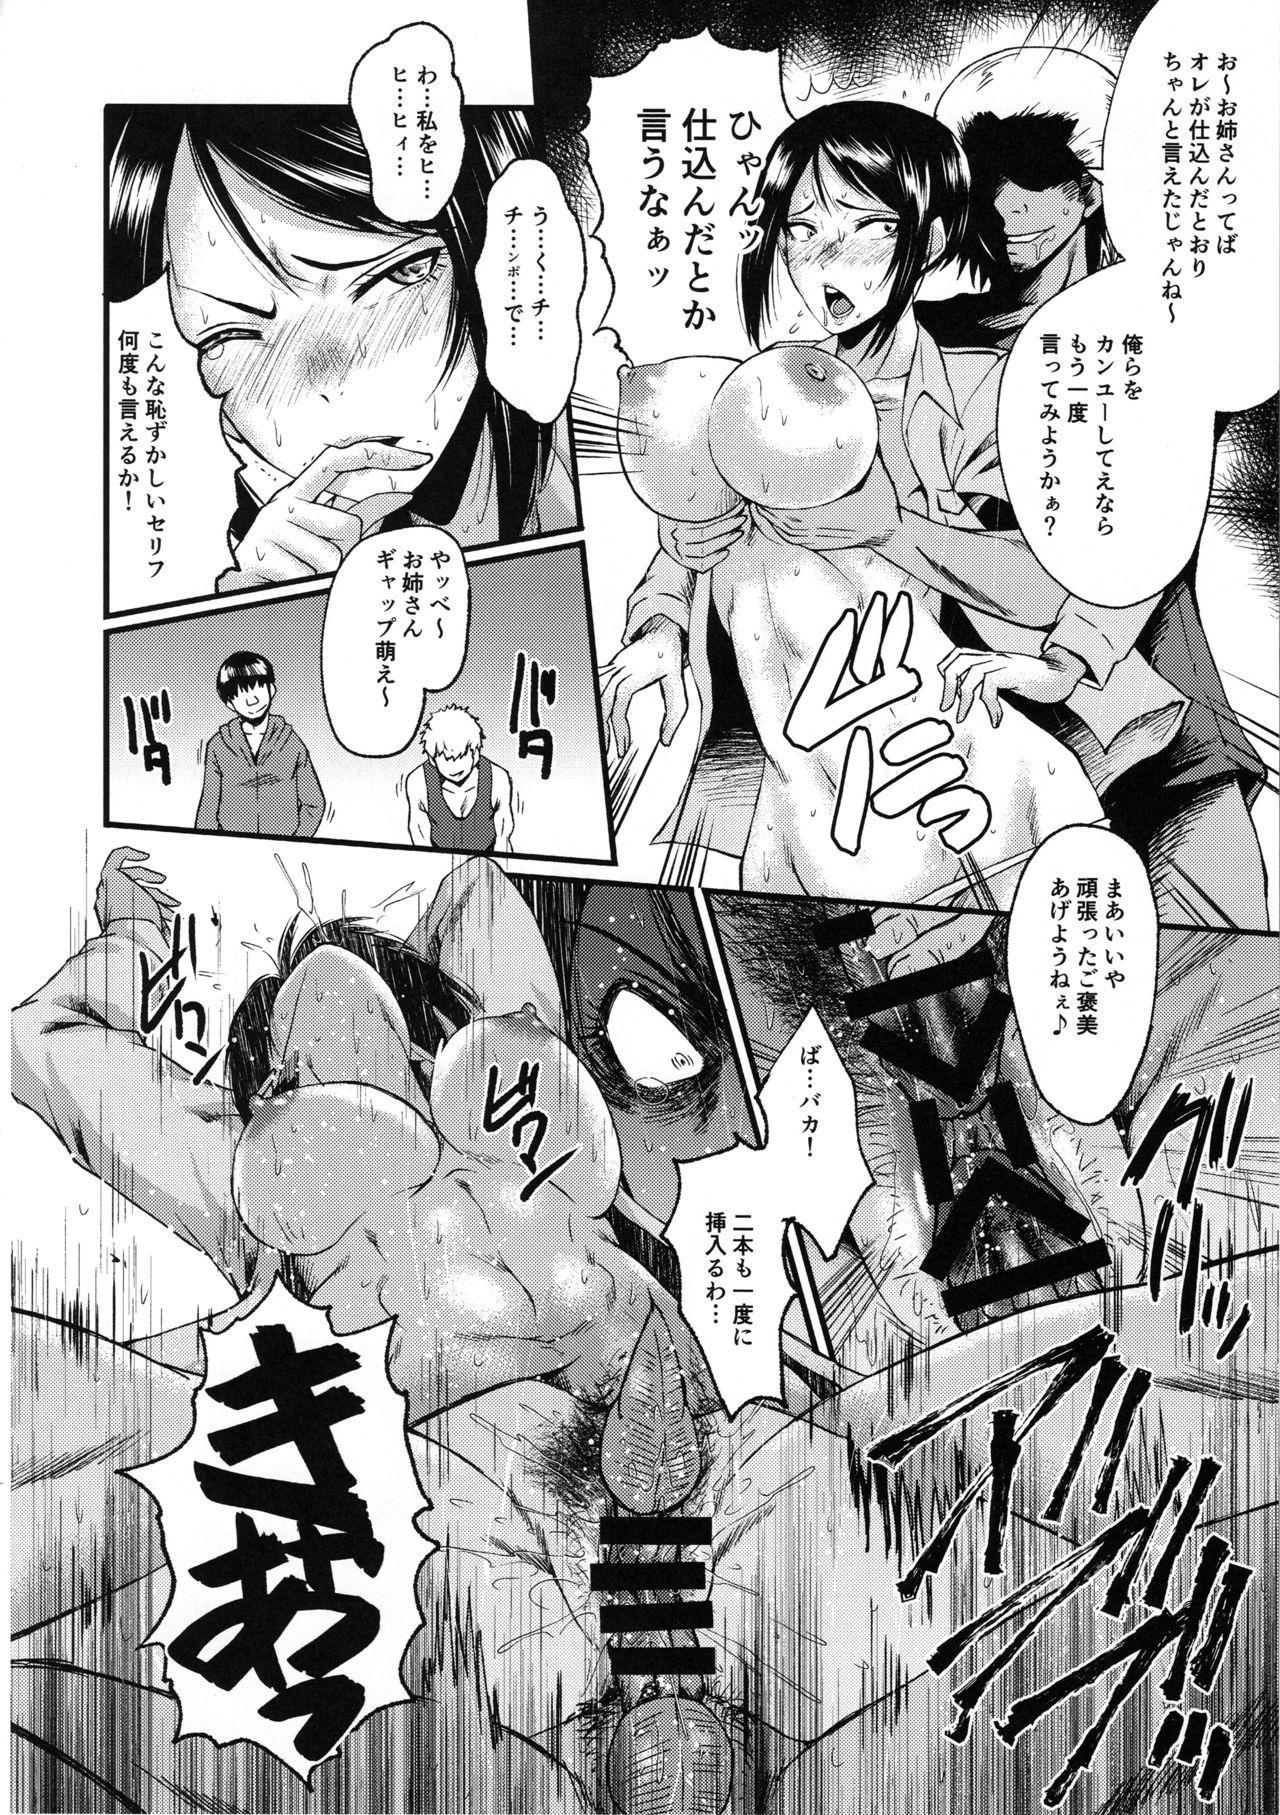 Urabambi Vol. 59 Ichii wa Seiteki ni Ijimeraretai 6